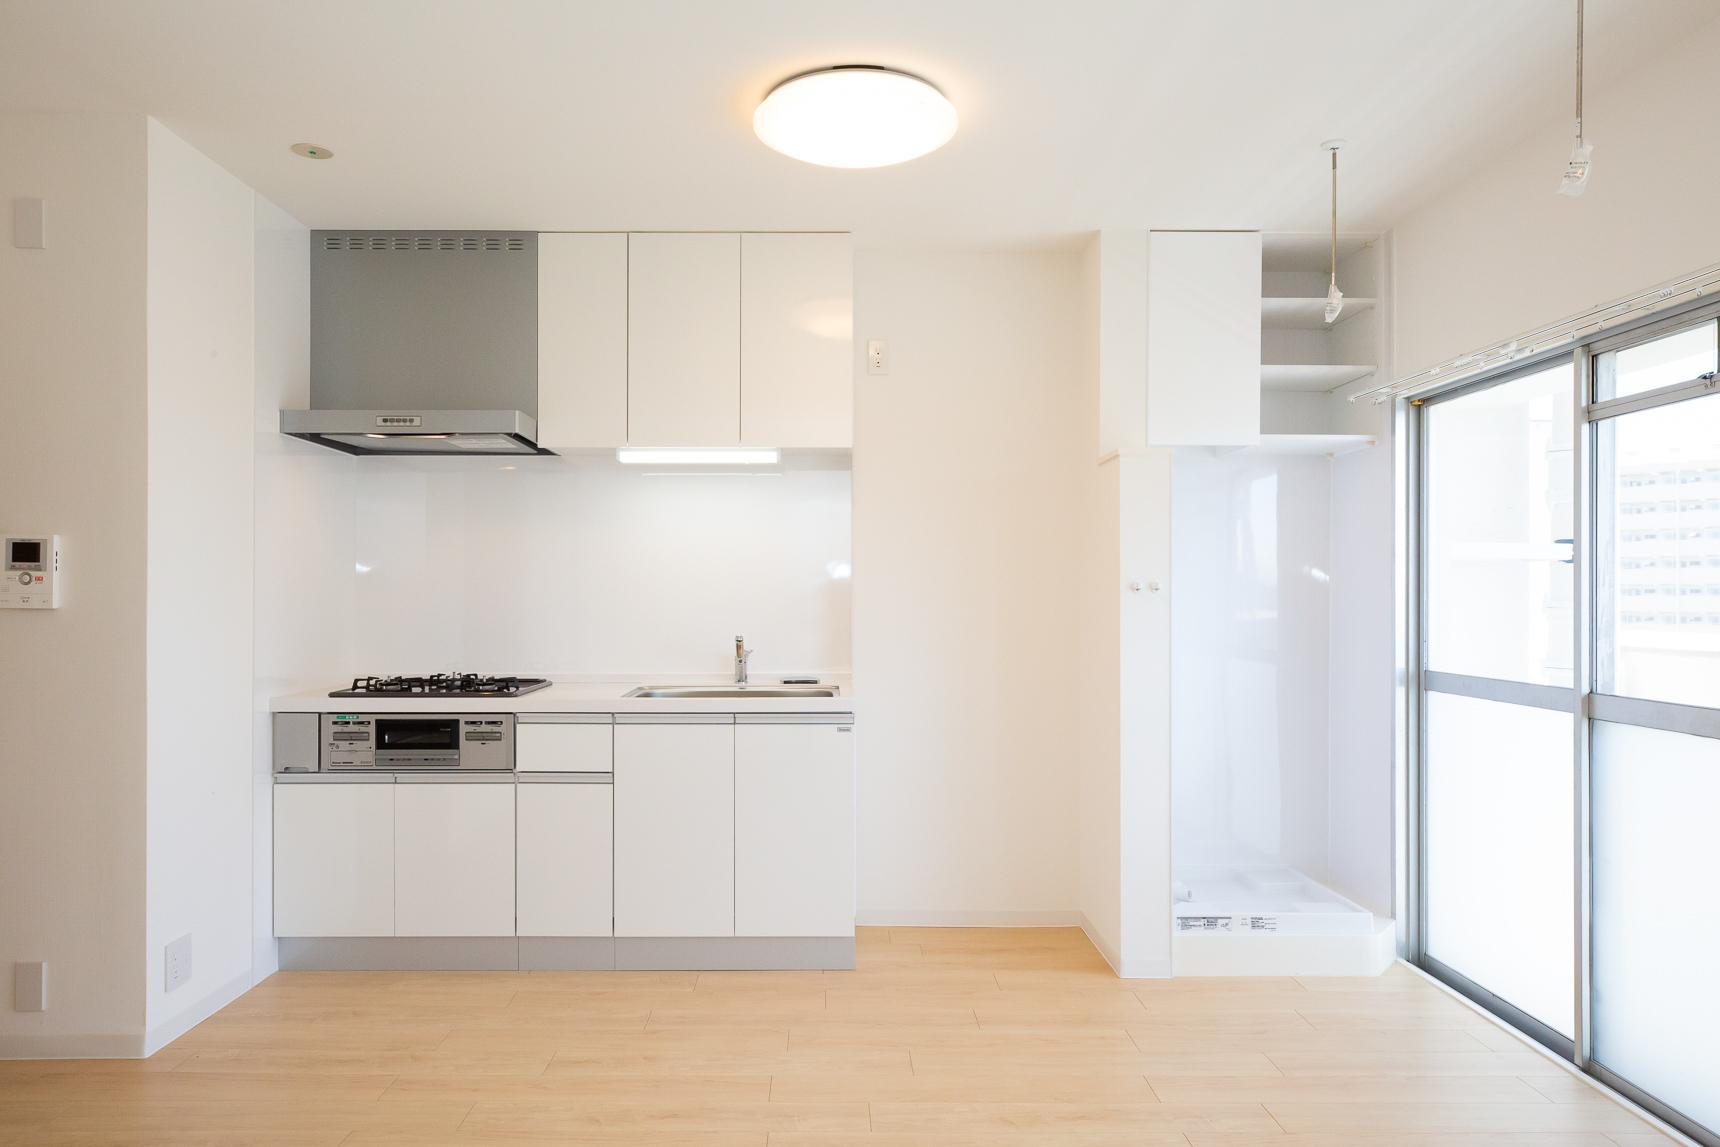 真っ白なデザインが嬉しいキッチンは、3口ガスコンロタイプです